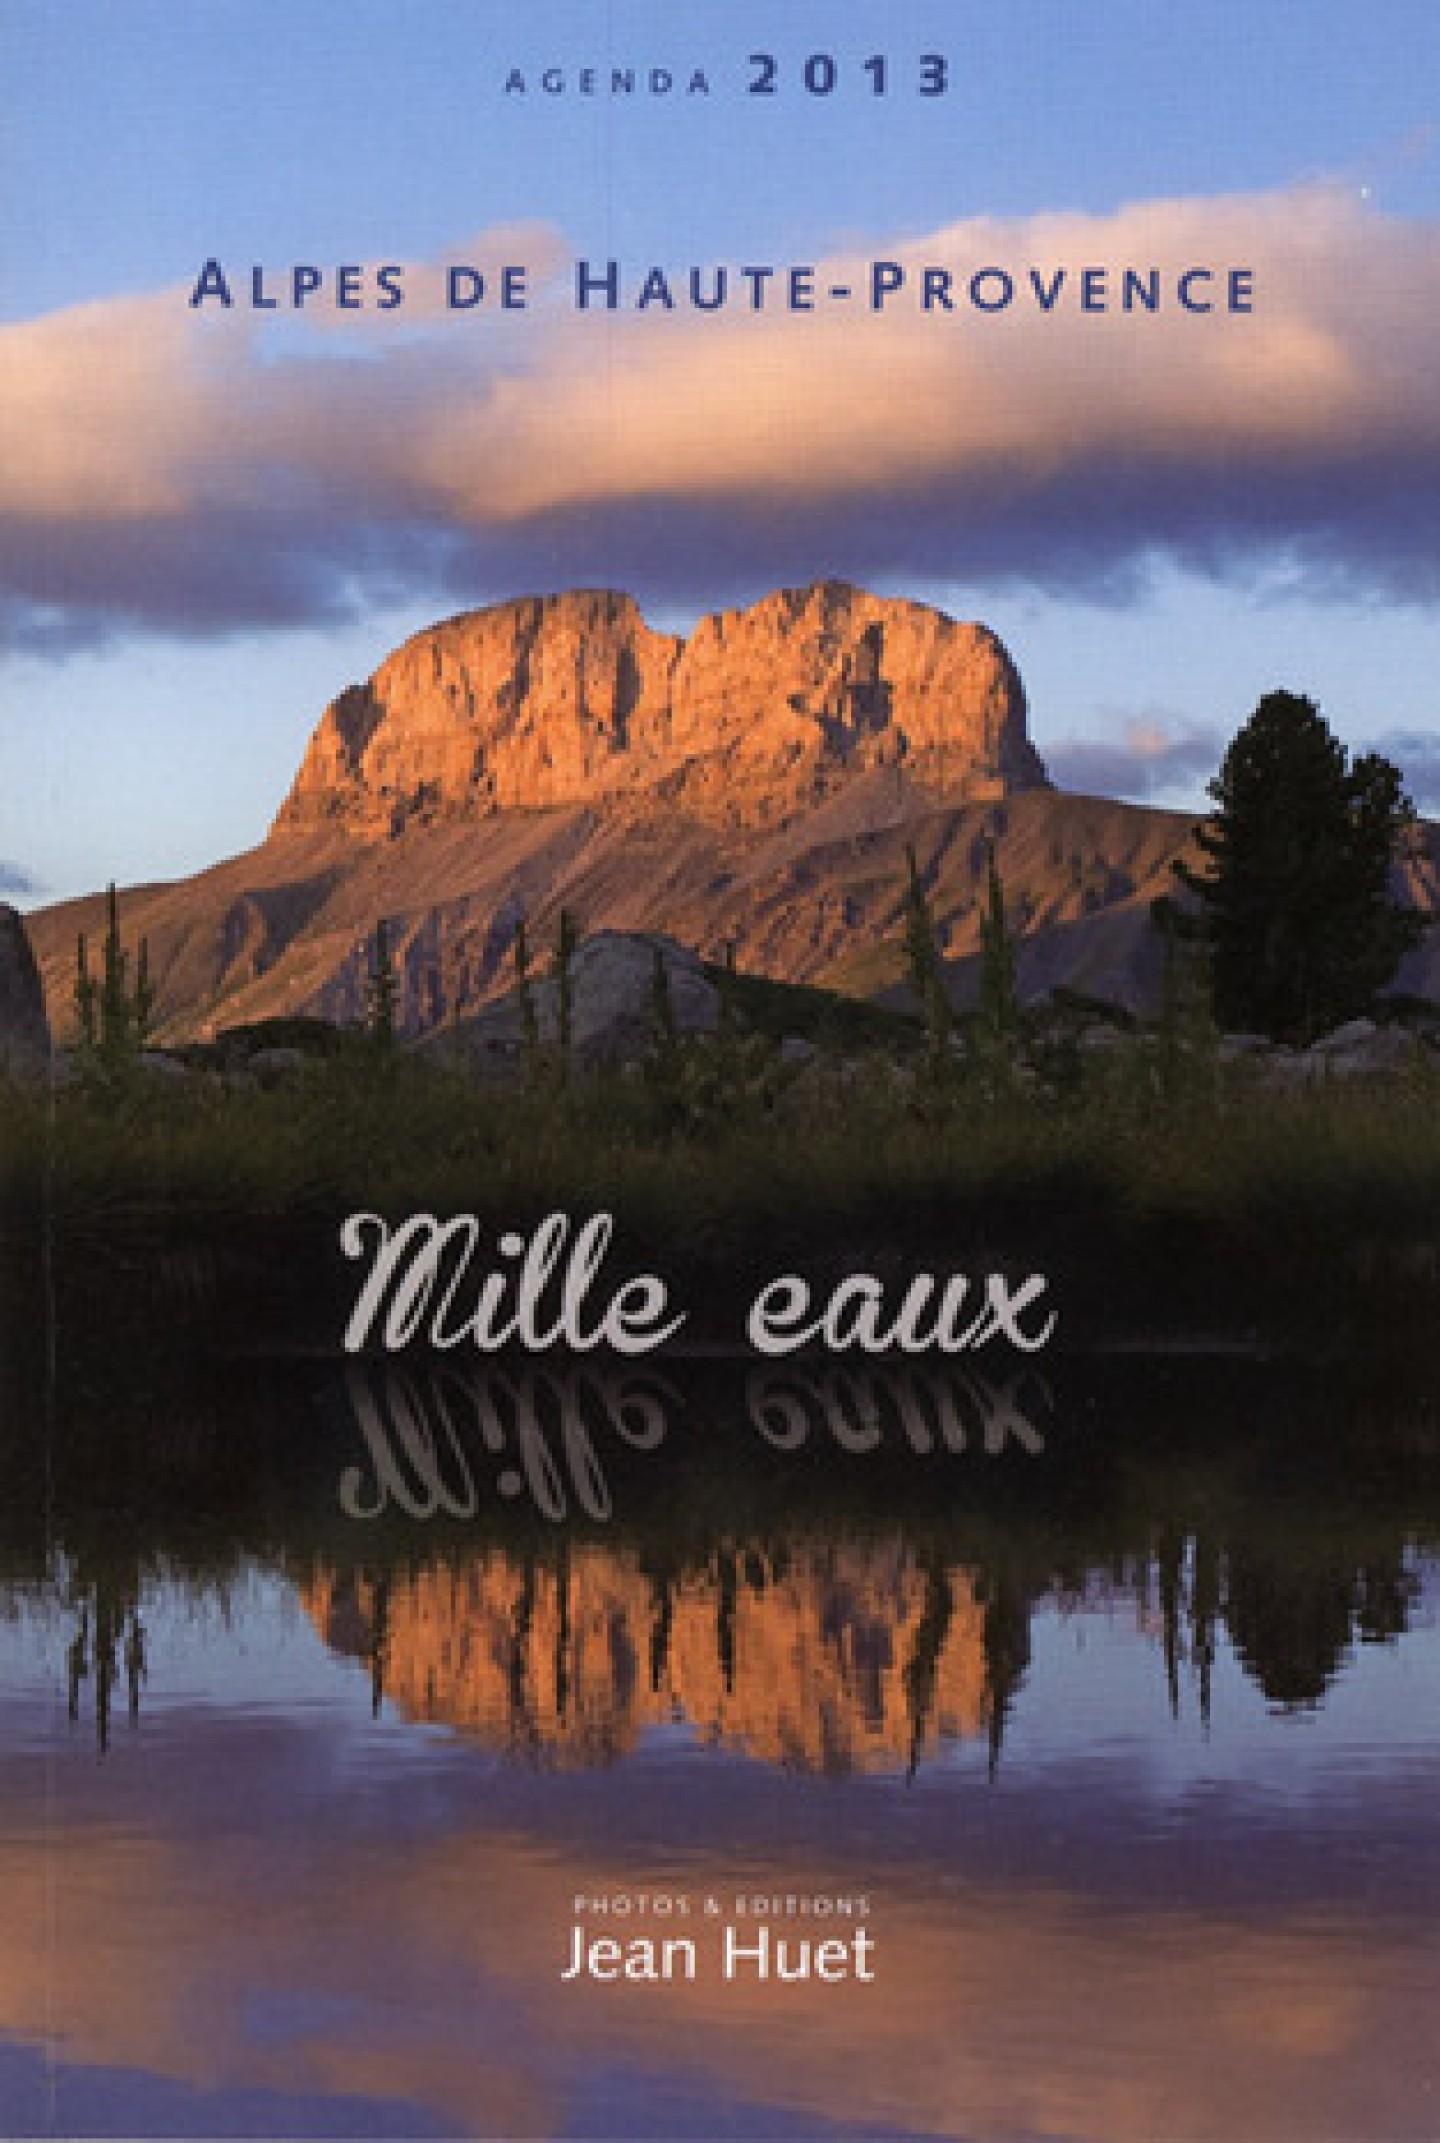 Agenda 2013 Alpes de Haute-Provence de Jean Huet